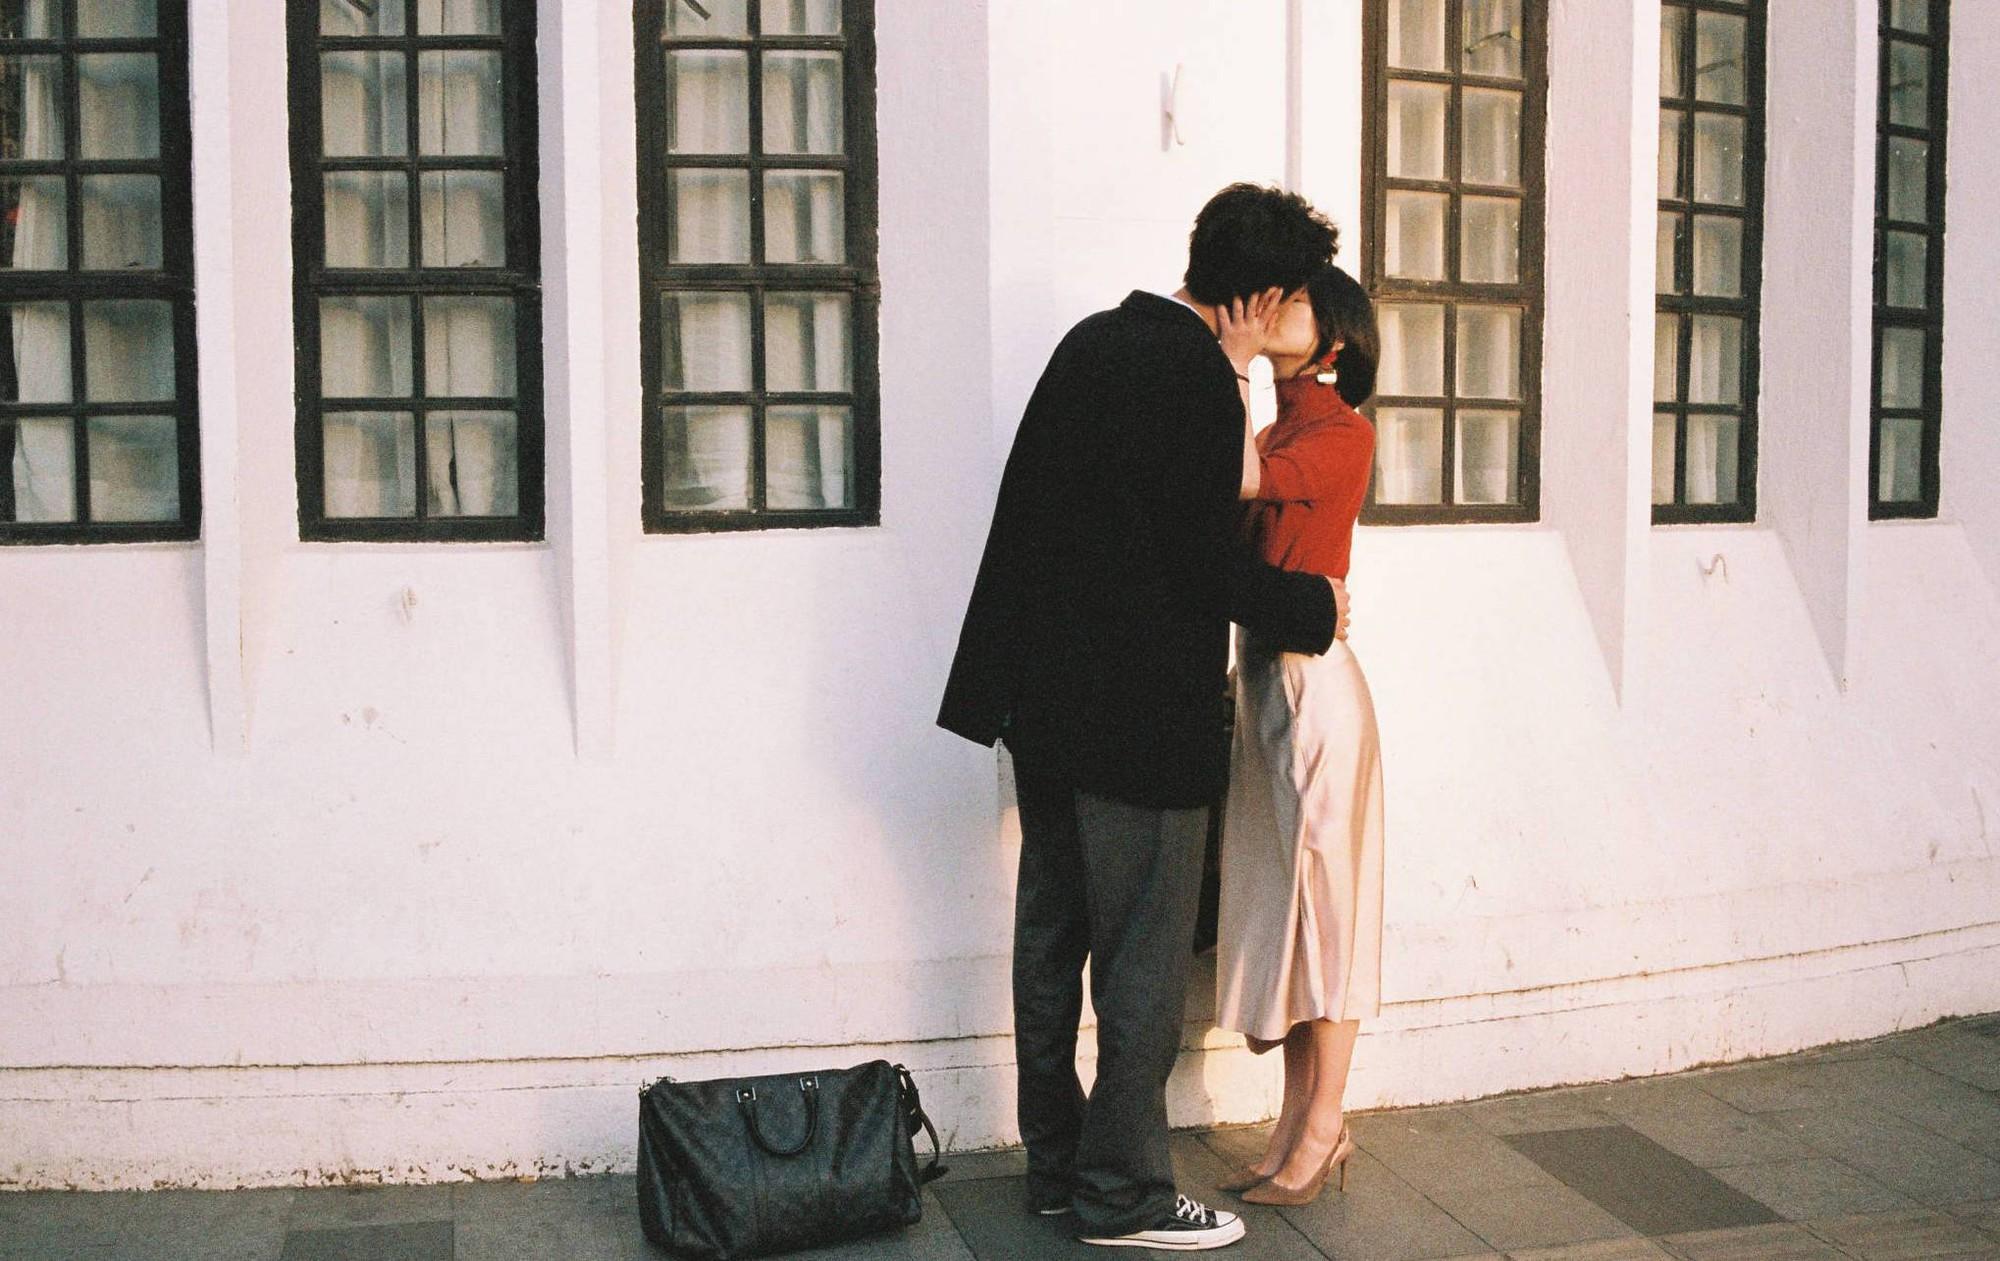 Lại thêm một bộ ảnh film cực lãng mạn làm ai cũng muốn có người yêu để cùng dạo quanh khắp chốn - Ảnh 14.